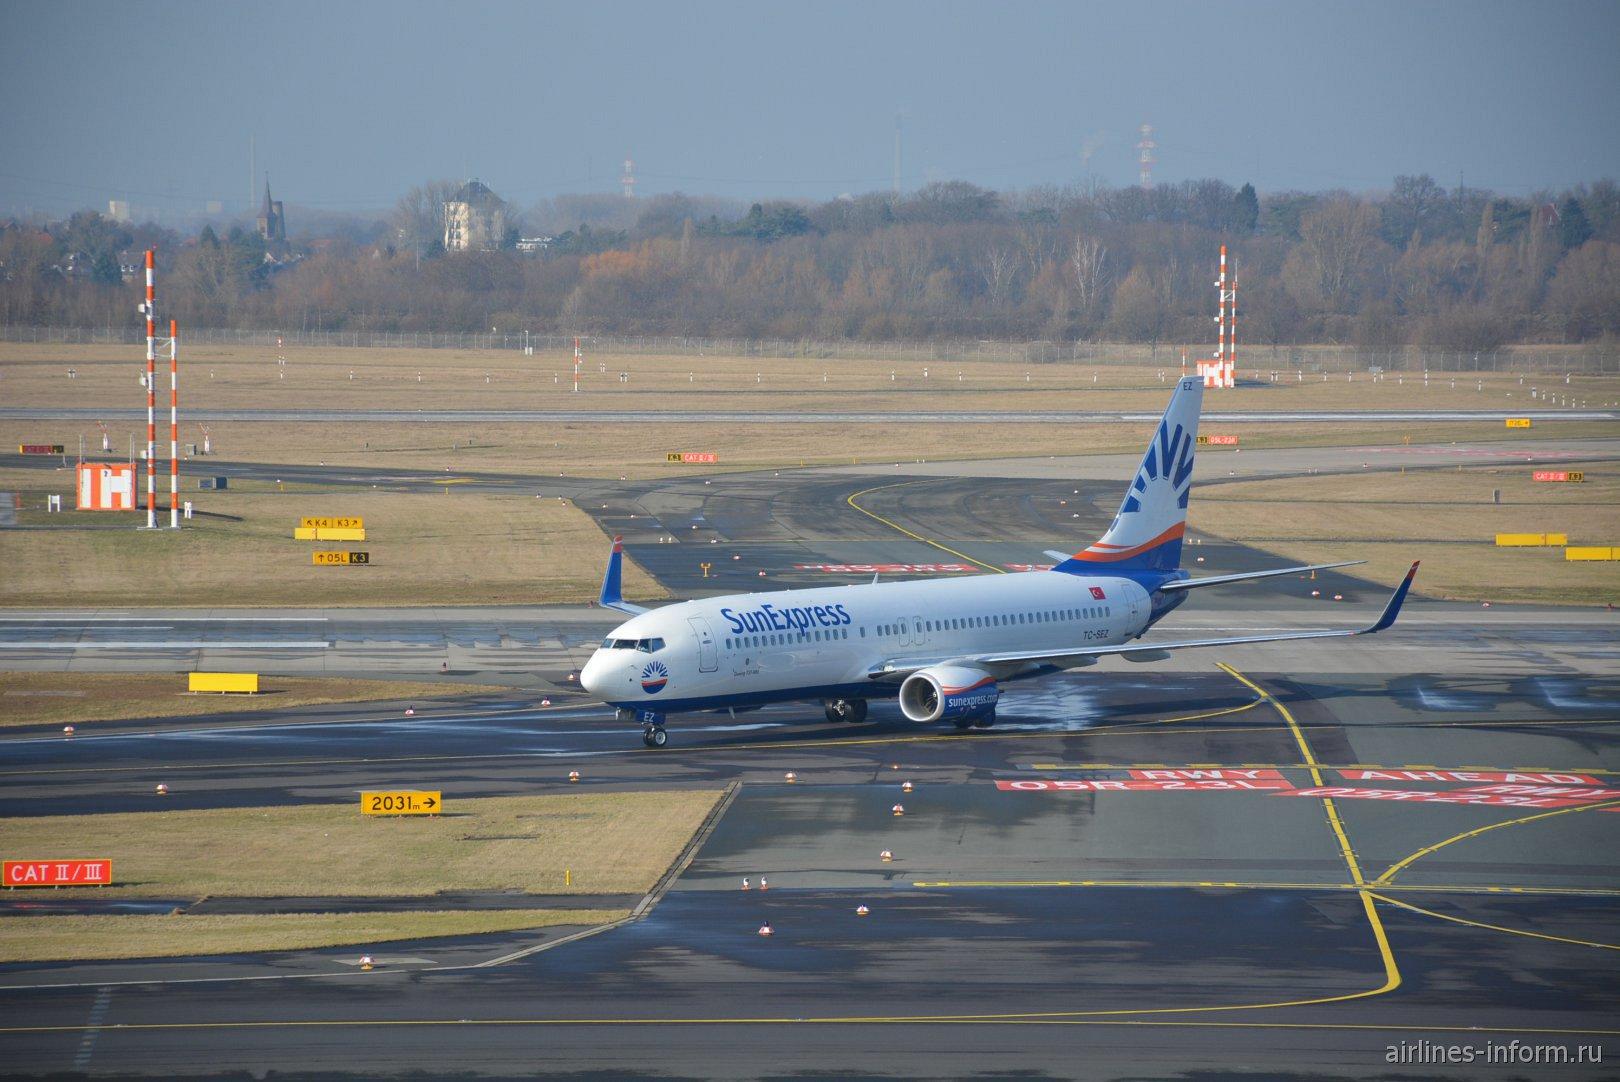 Боинг-737-800 TC-ZET авиакомпании Sun Express в аэропорту Дюссельдорфа